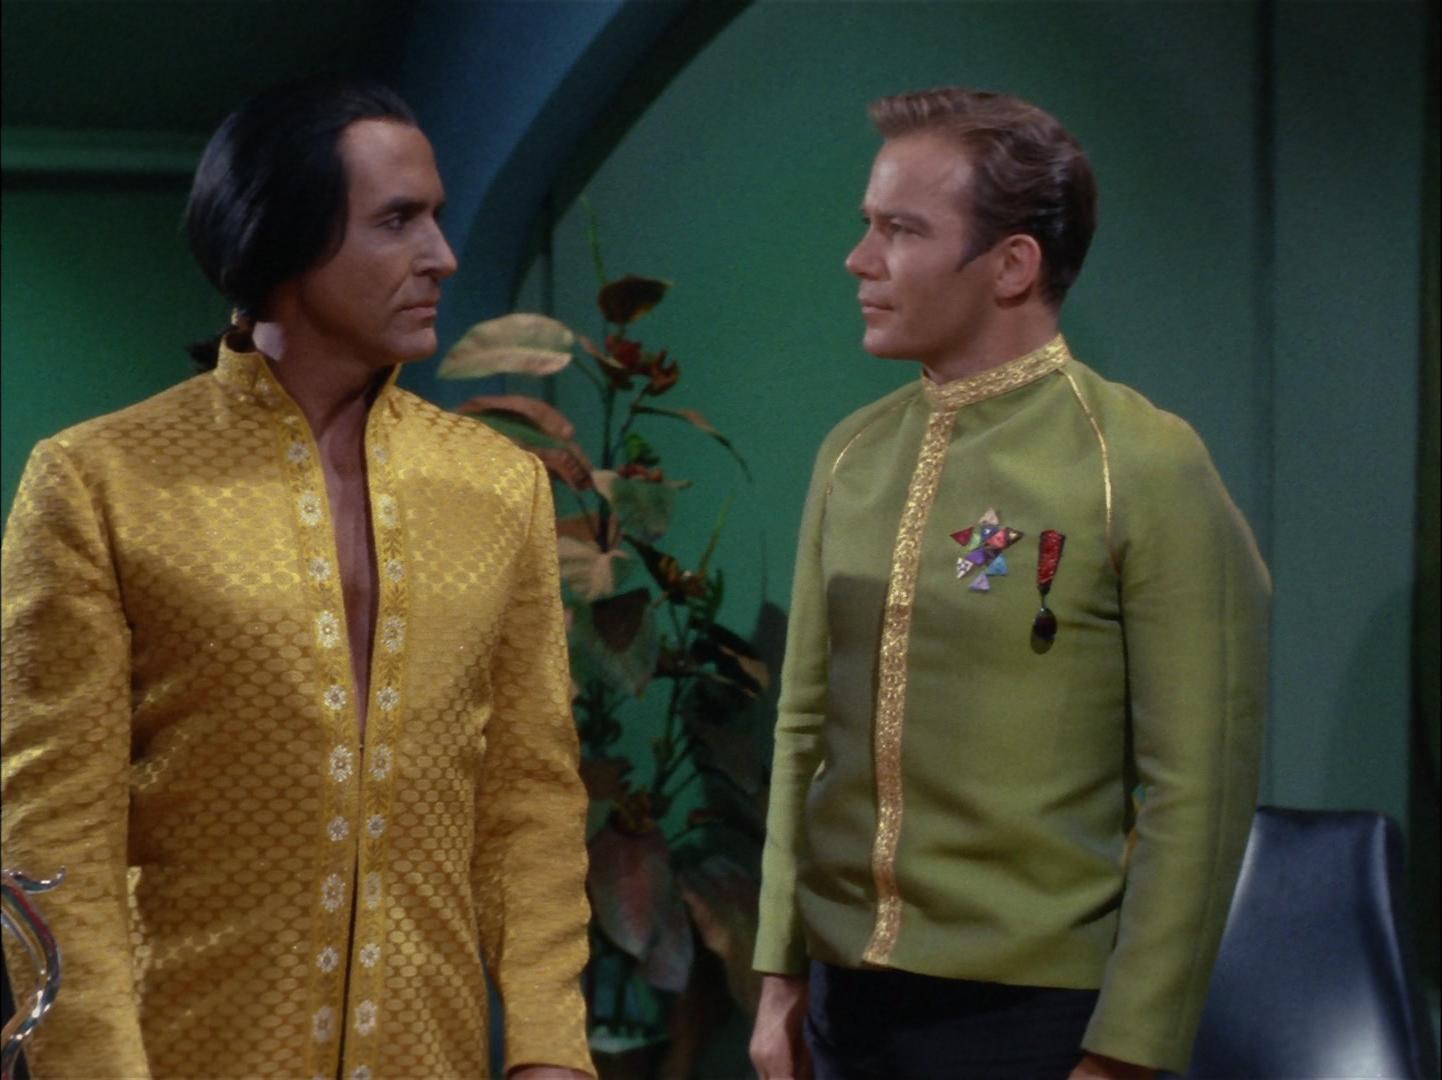 Khan Star Trek Space Seed